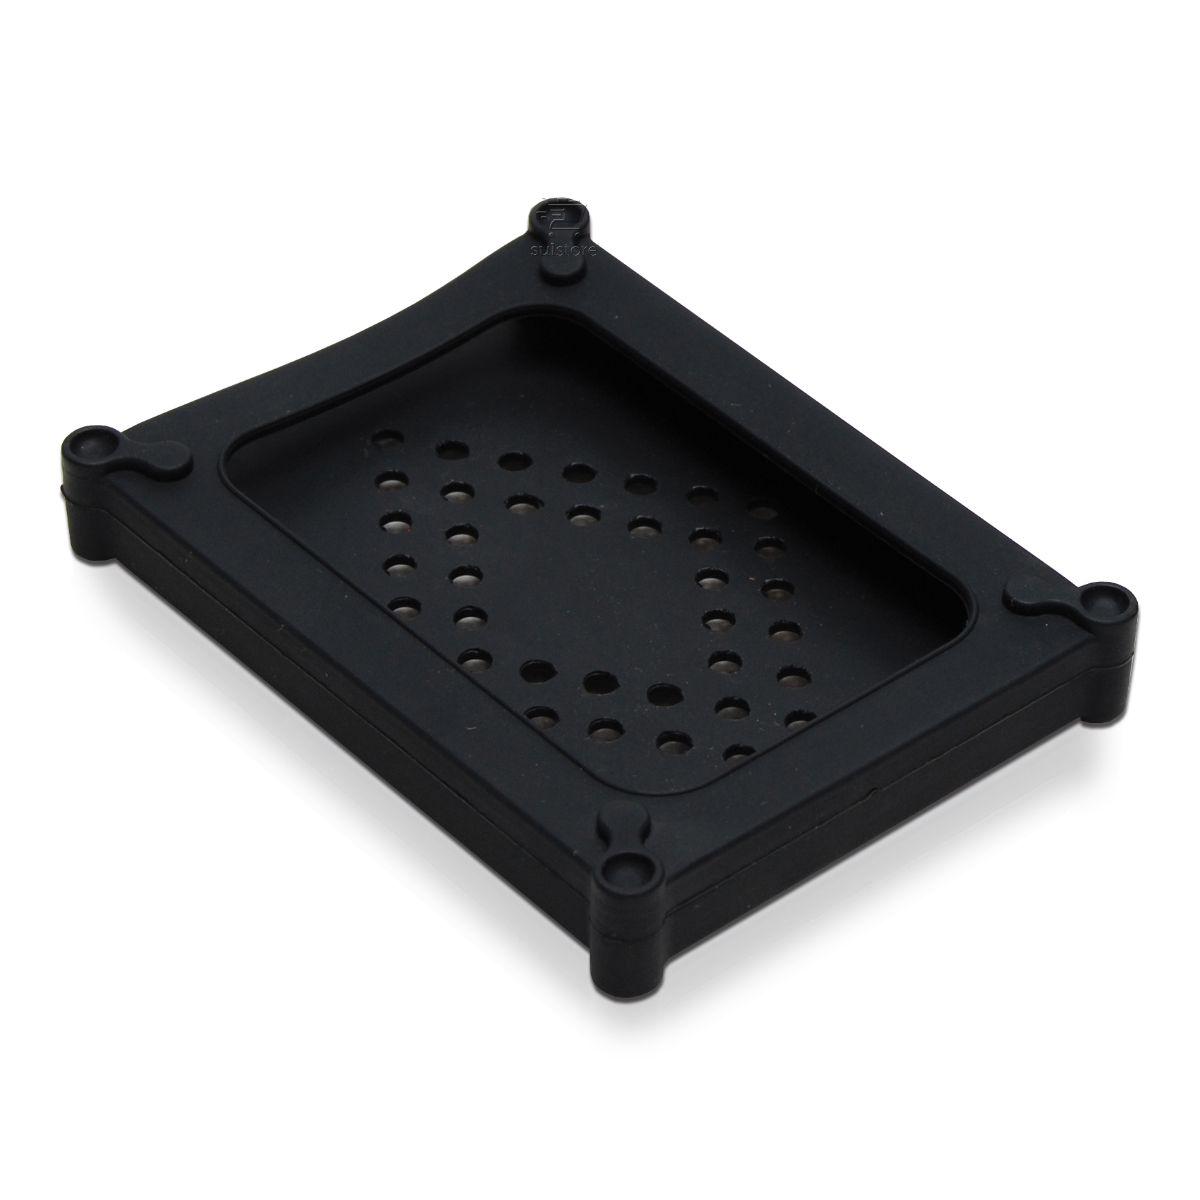 Capa Protetora em Silicone para HD de PC 3,5 Comtac 9112